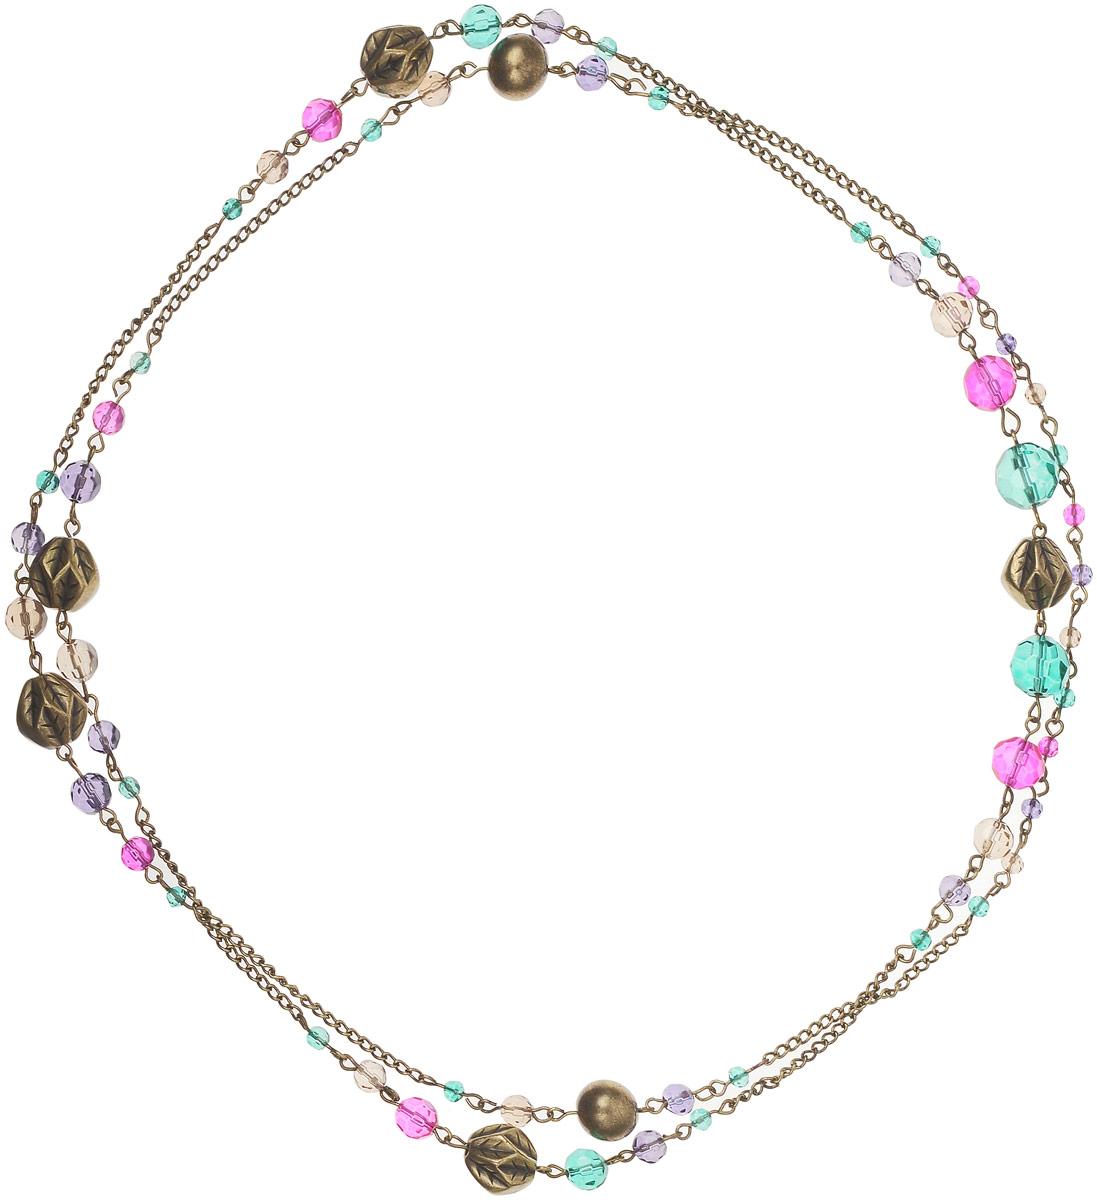 Ожерелье Art-Silver, цвет: золотой. 44097-396Колье (короткие одноярусные бусы)Ожерелье Art-Silver выполнено из бижутерного сплава, оформлено крупными бусинами и кристаллами.